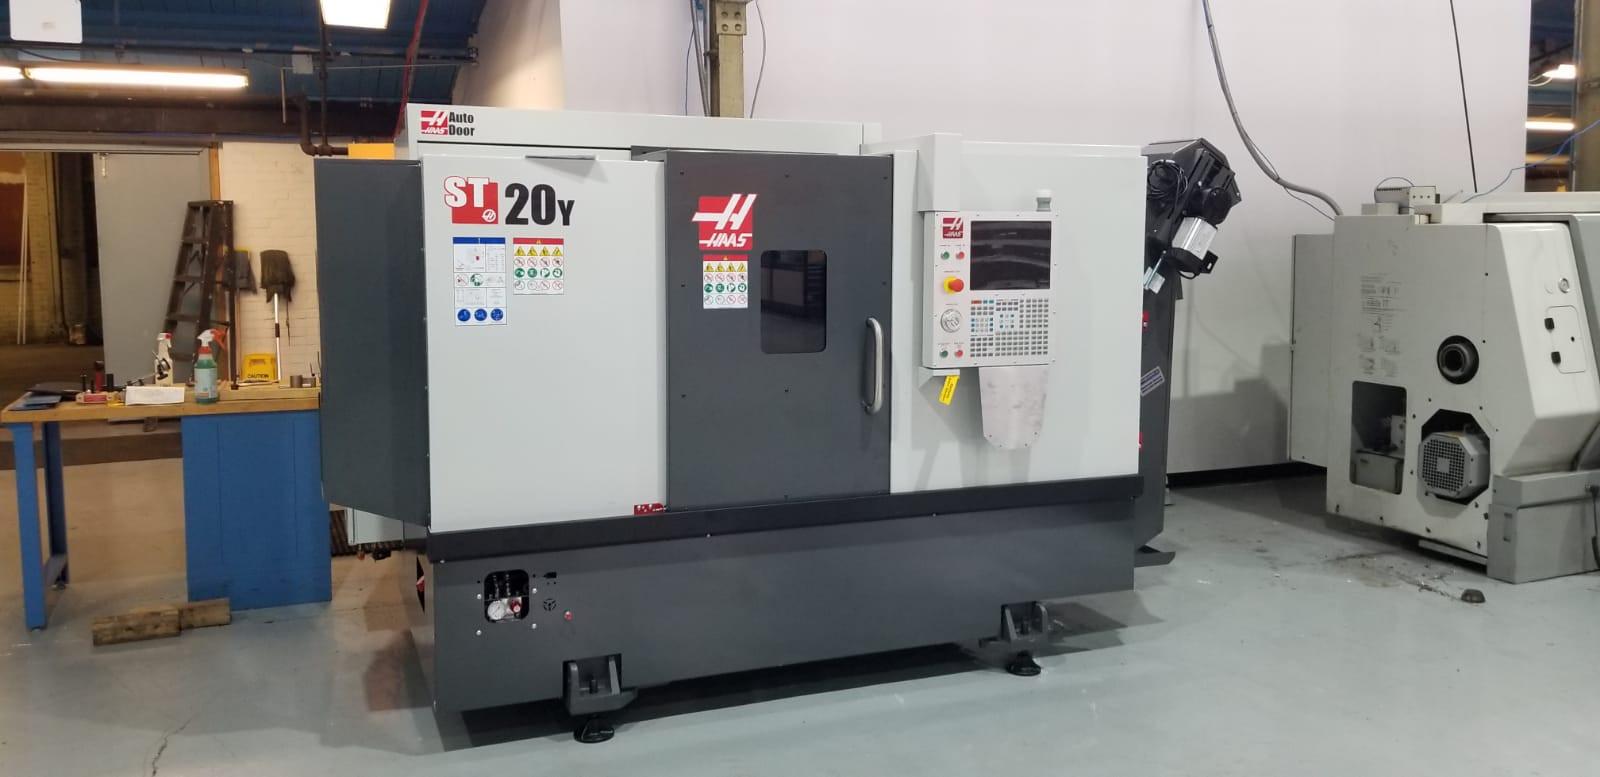 Haas ST20Y CNC lathe